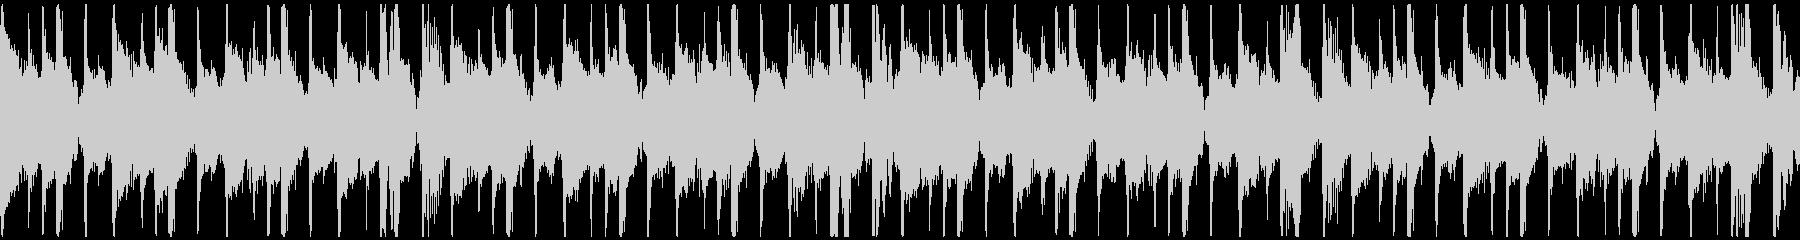 トロピカル・おしゃれ・情熱的BGMループの未再生の波形